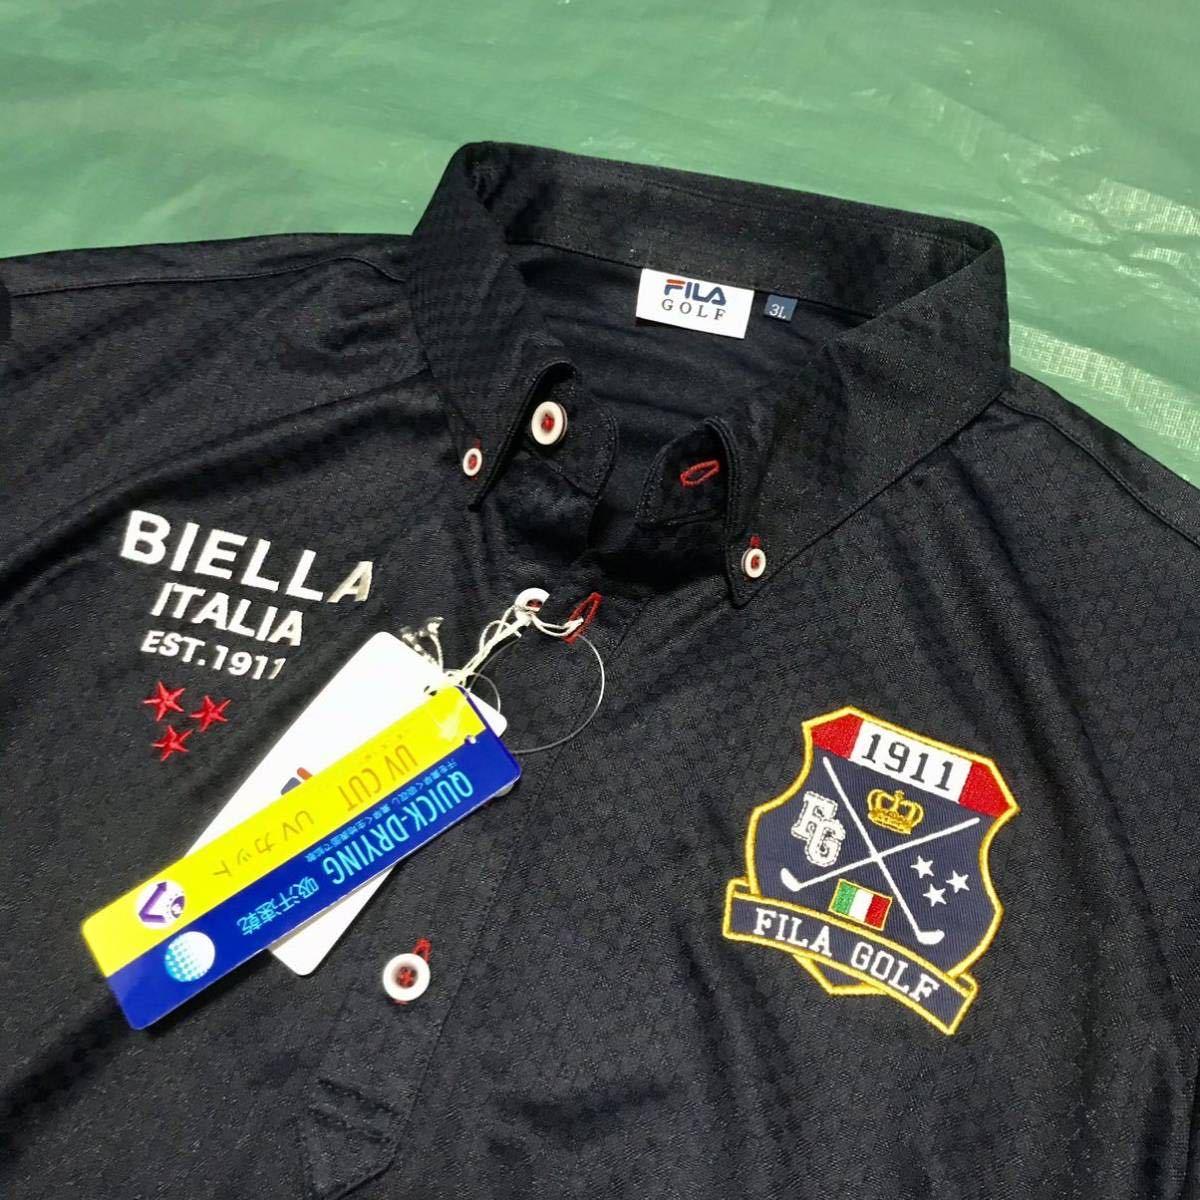 新品【メンズ LL( XL)紺ネイビー】FILA フィラ 吸汗速乾 UVカット ストレッチ ボタンダウン半袖ポロシャツ